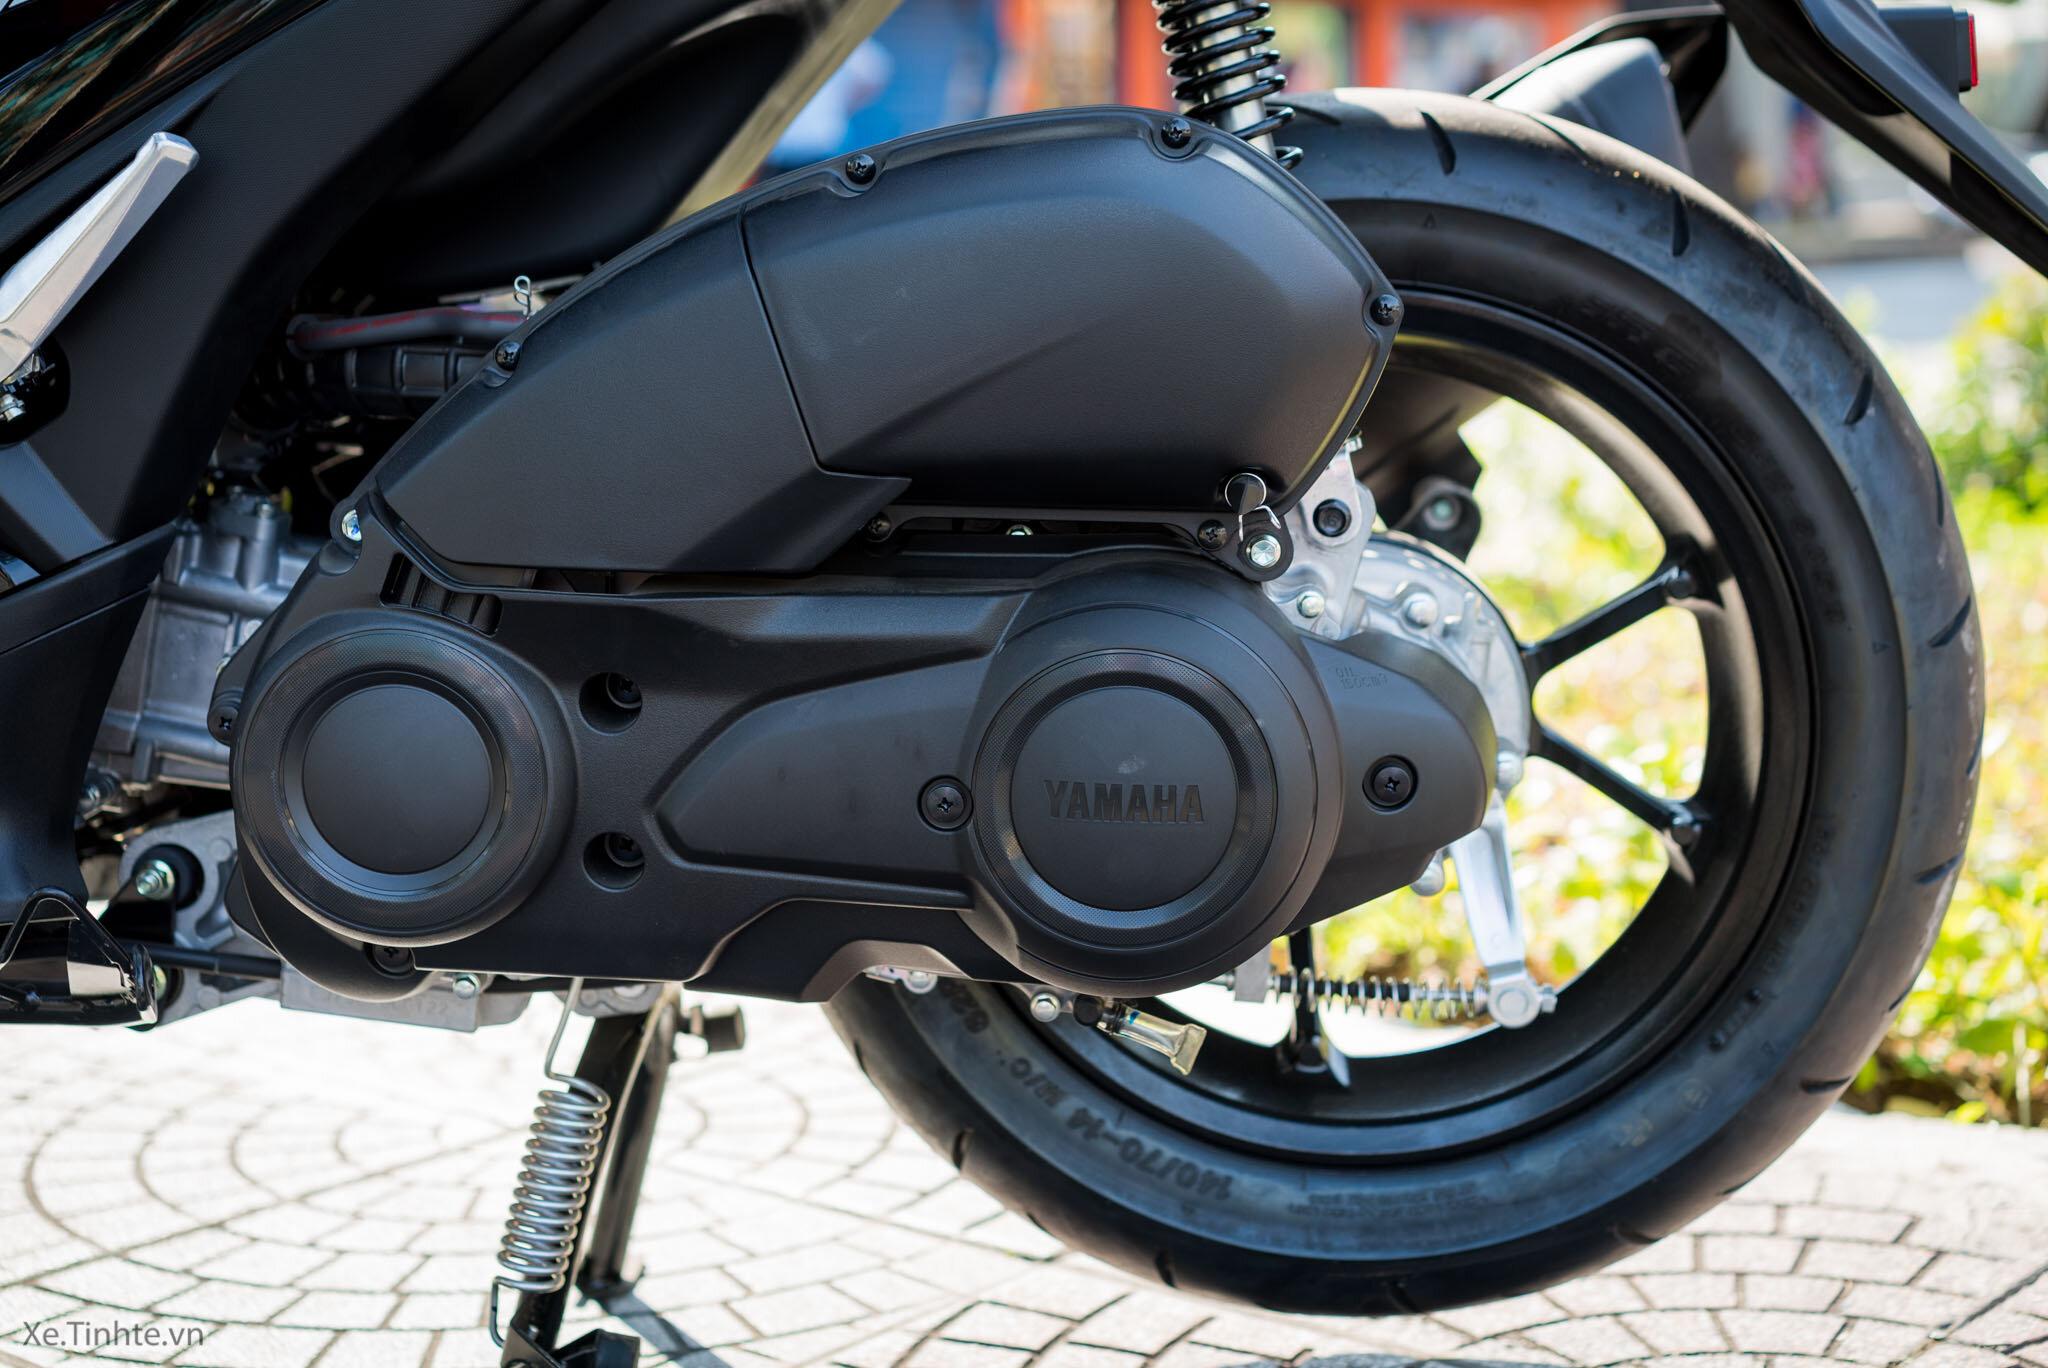 Yamaha NVX 125 trang bị công nghệ an toàn từ phanh và lốp thế hệ mới